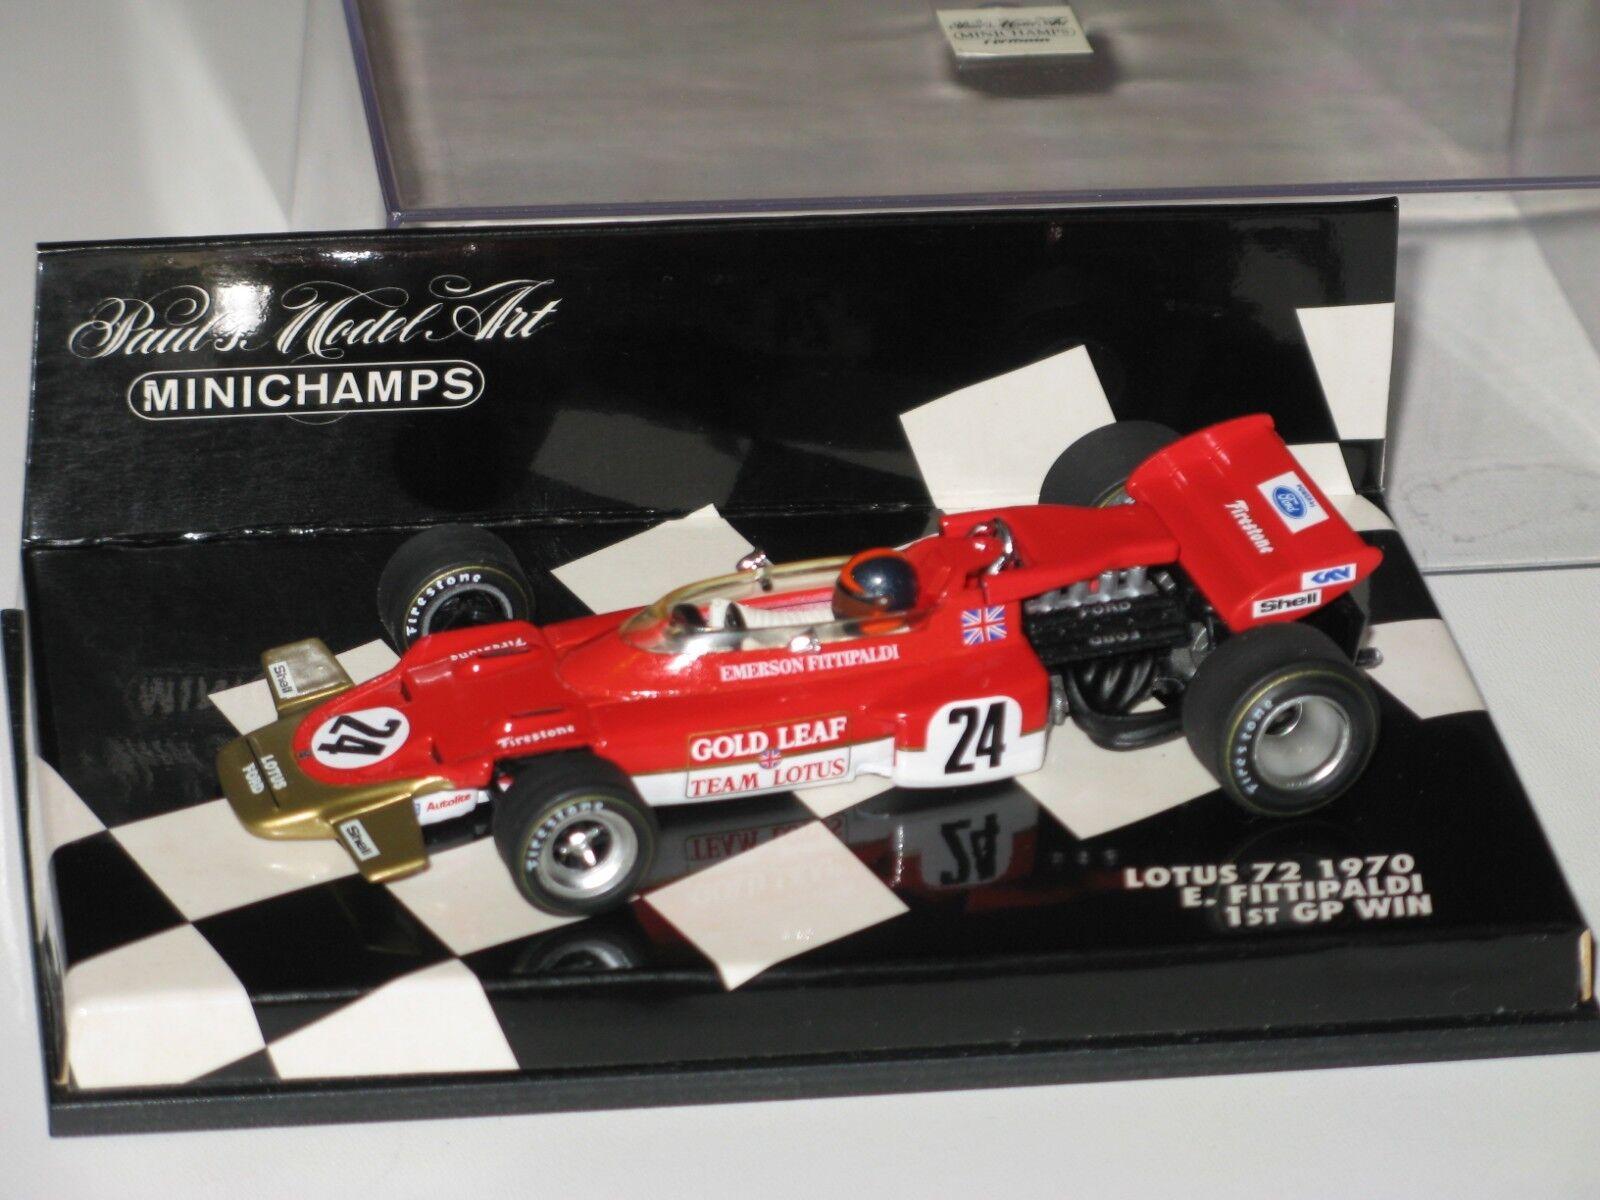 Lotus 72 72 72 - Win Gp 1970 - Fittipaldi -  F1 1 43 spark   Minichamps e278a9